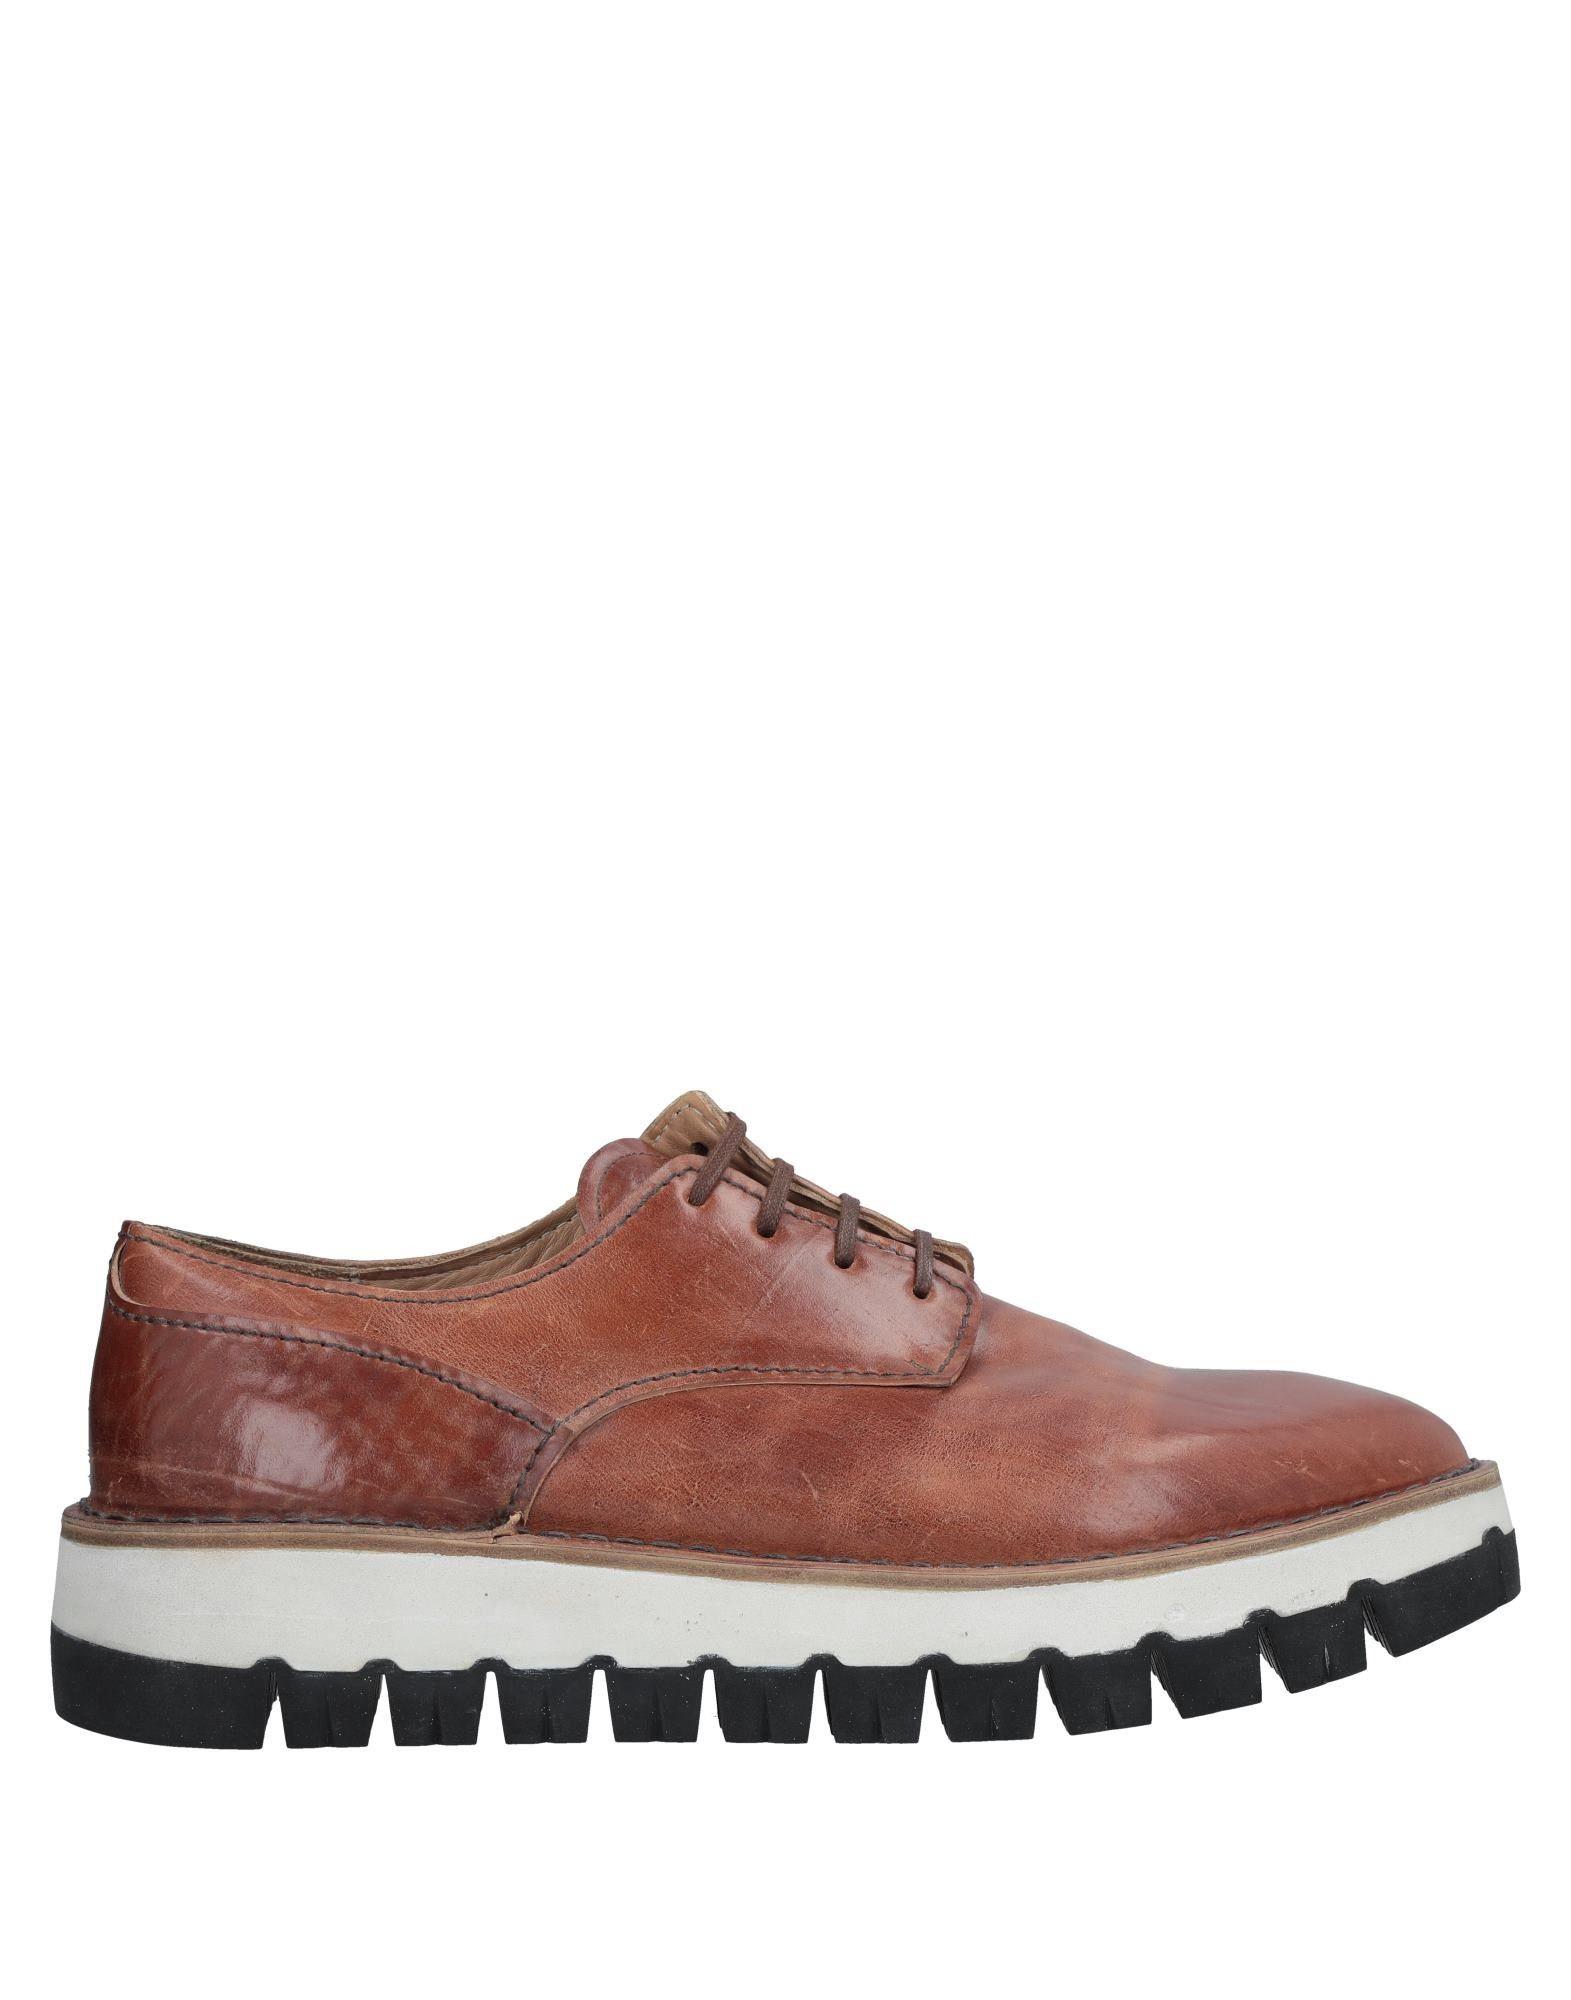 Premiata Schnürschuhe Herren  11531127KG Gute Qualität beliebte Schuhe